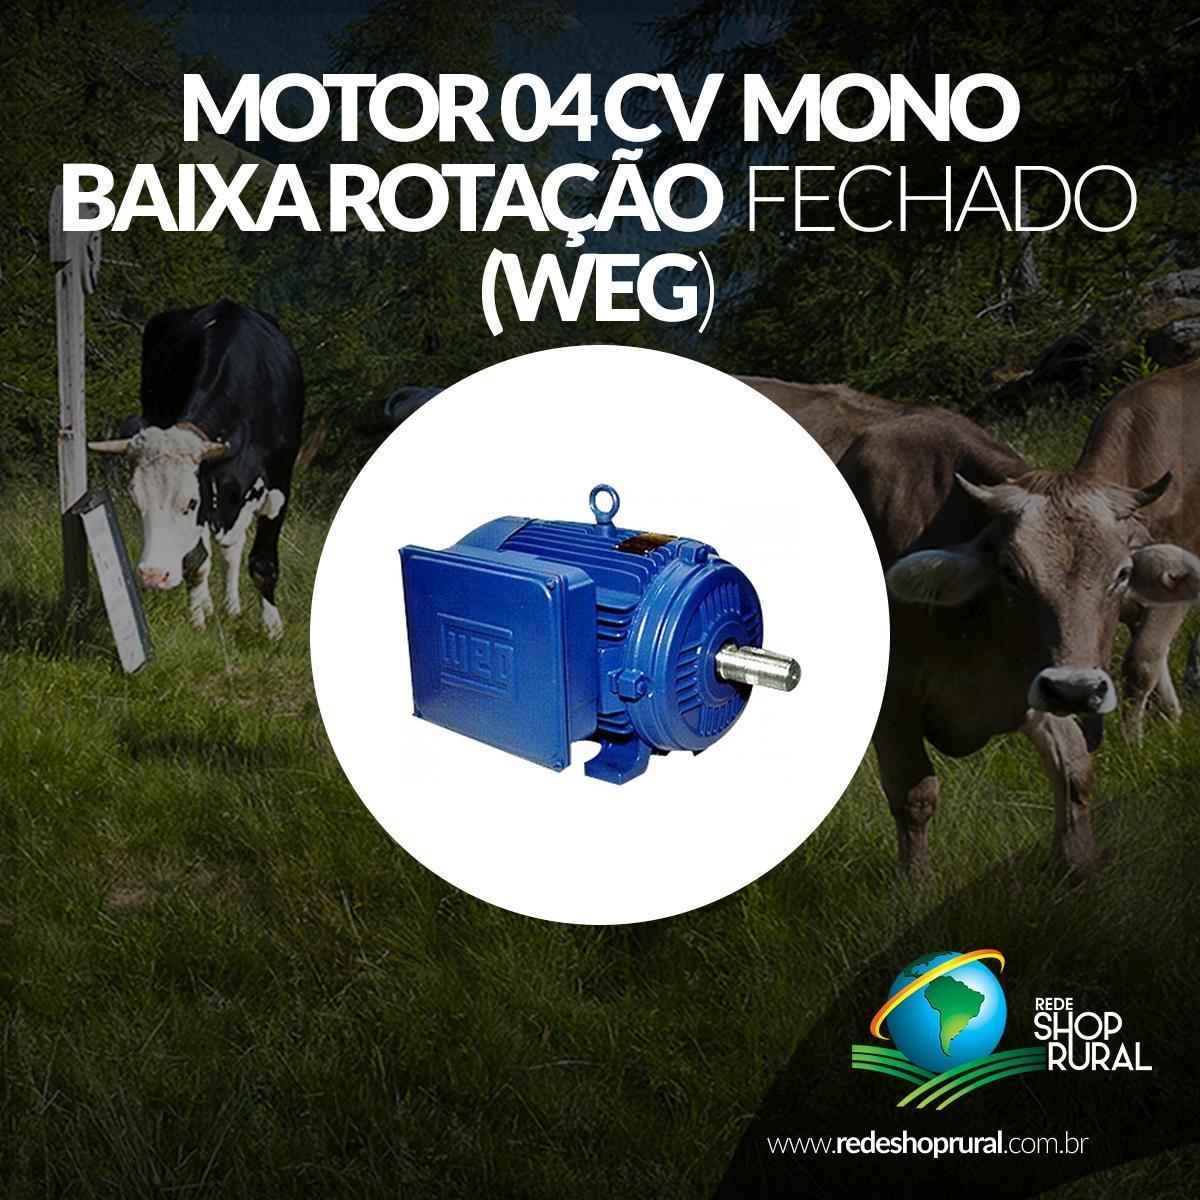 Motor 04 Cv Mono baixa Rotação Fechado (Weg)